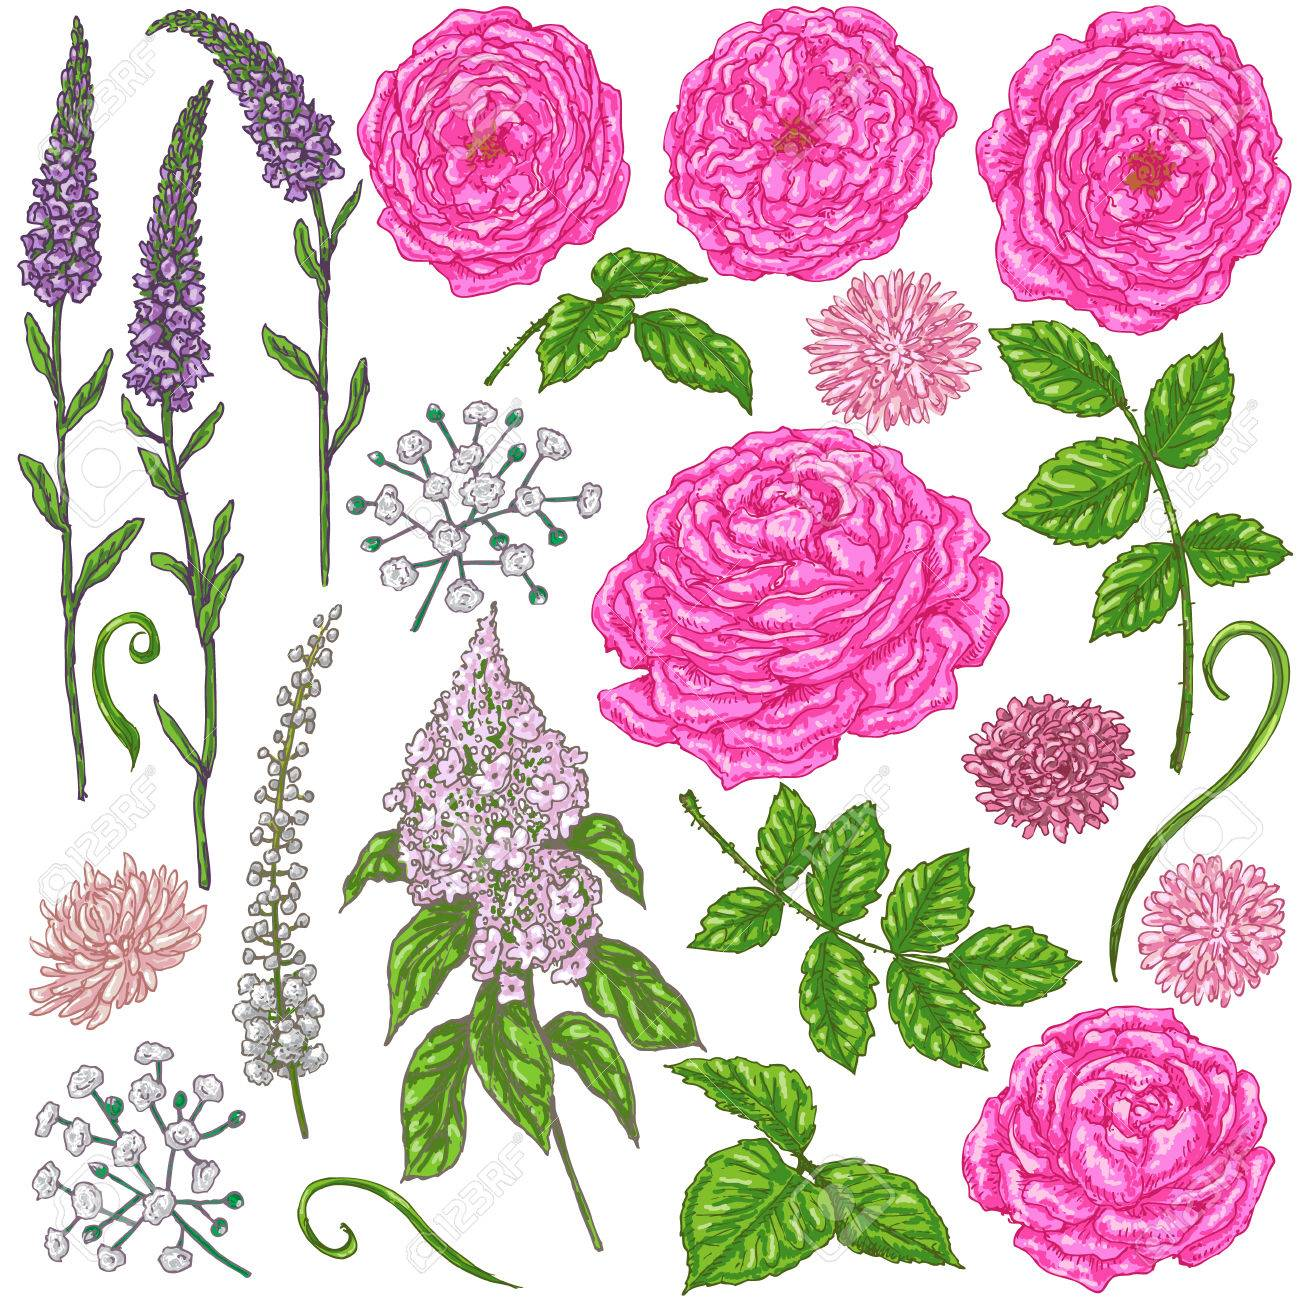 Dibujado A Mano Conjunto De Flores Rosas Rosadas Pequenas Flores